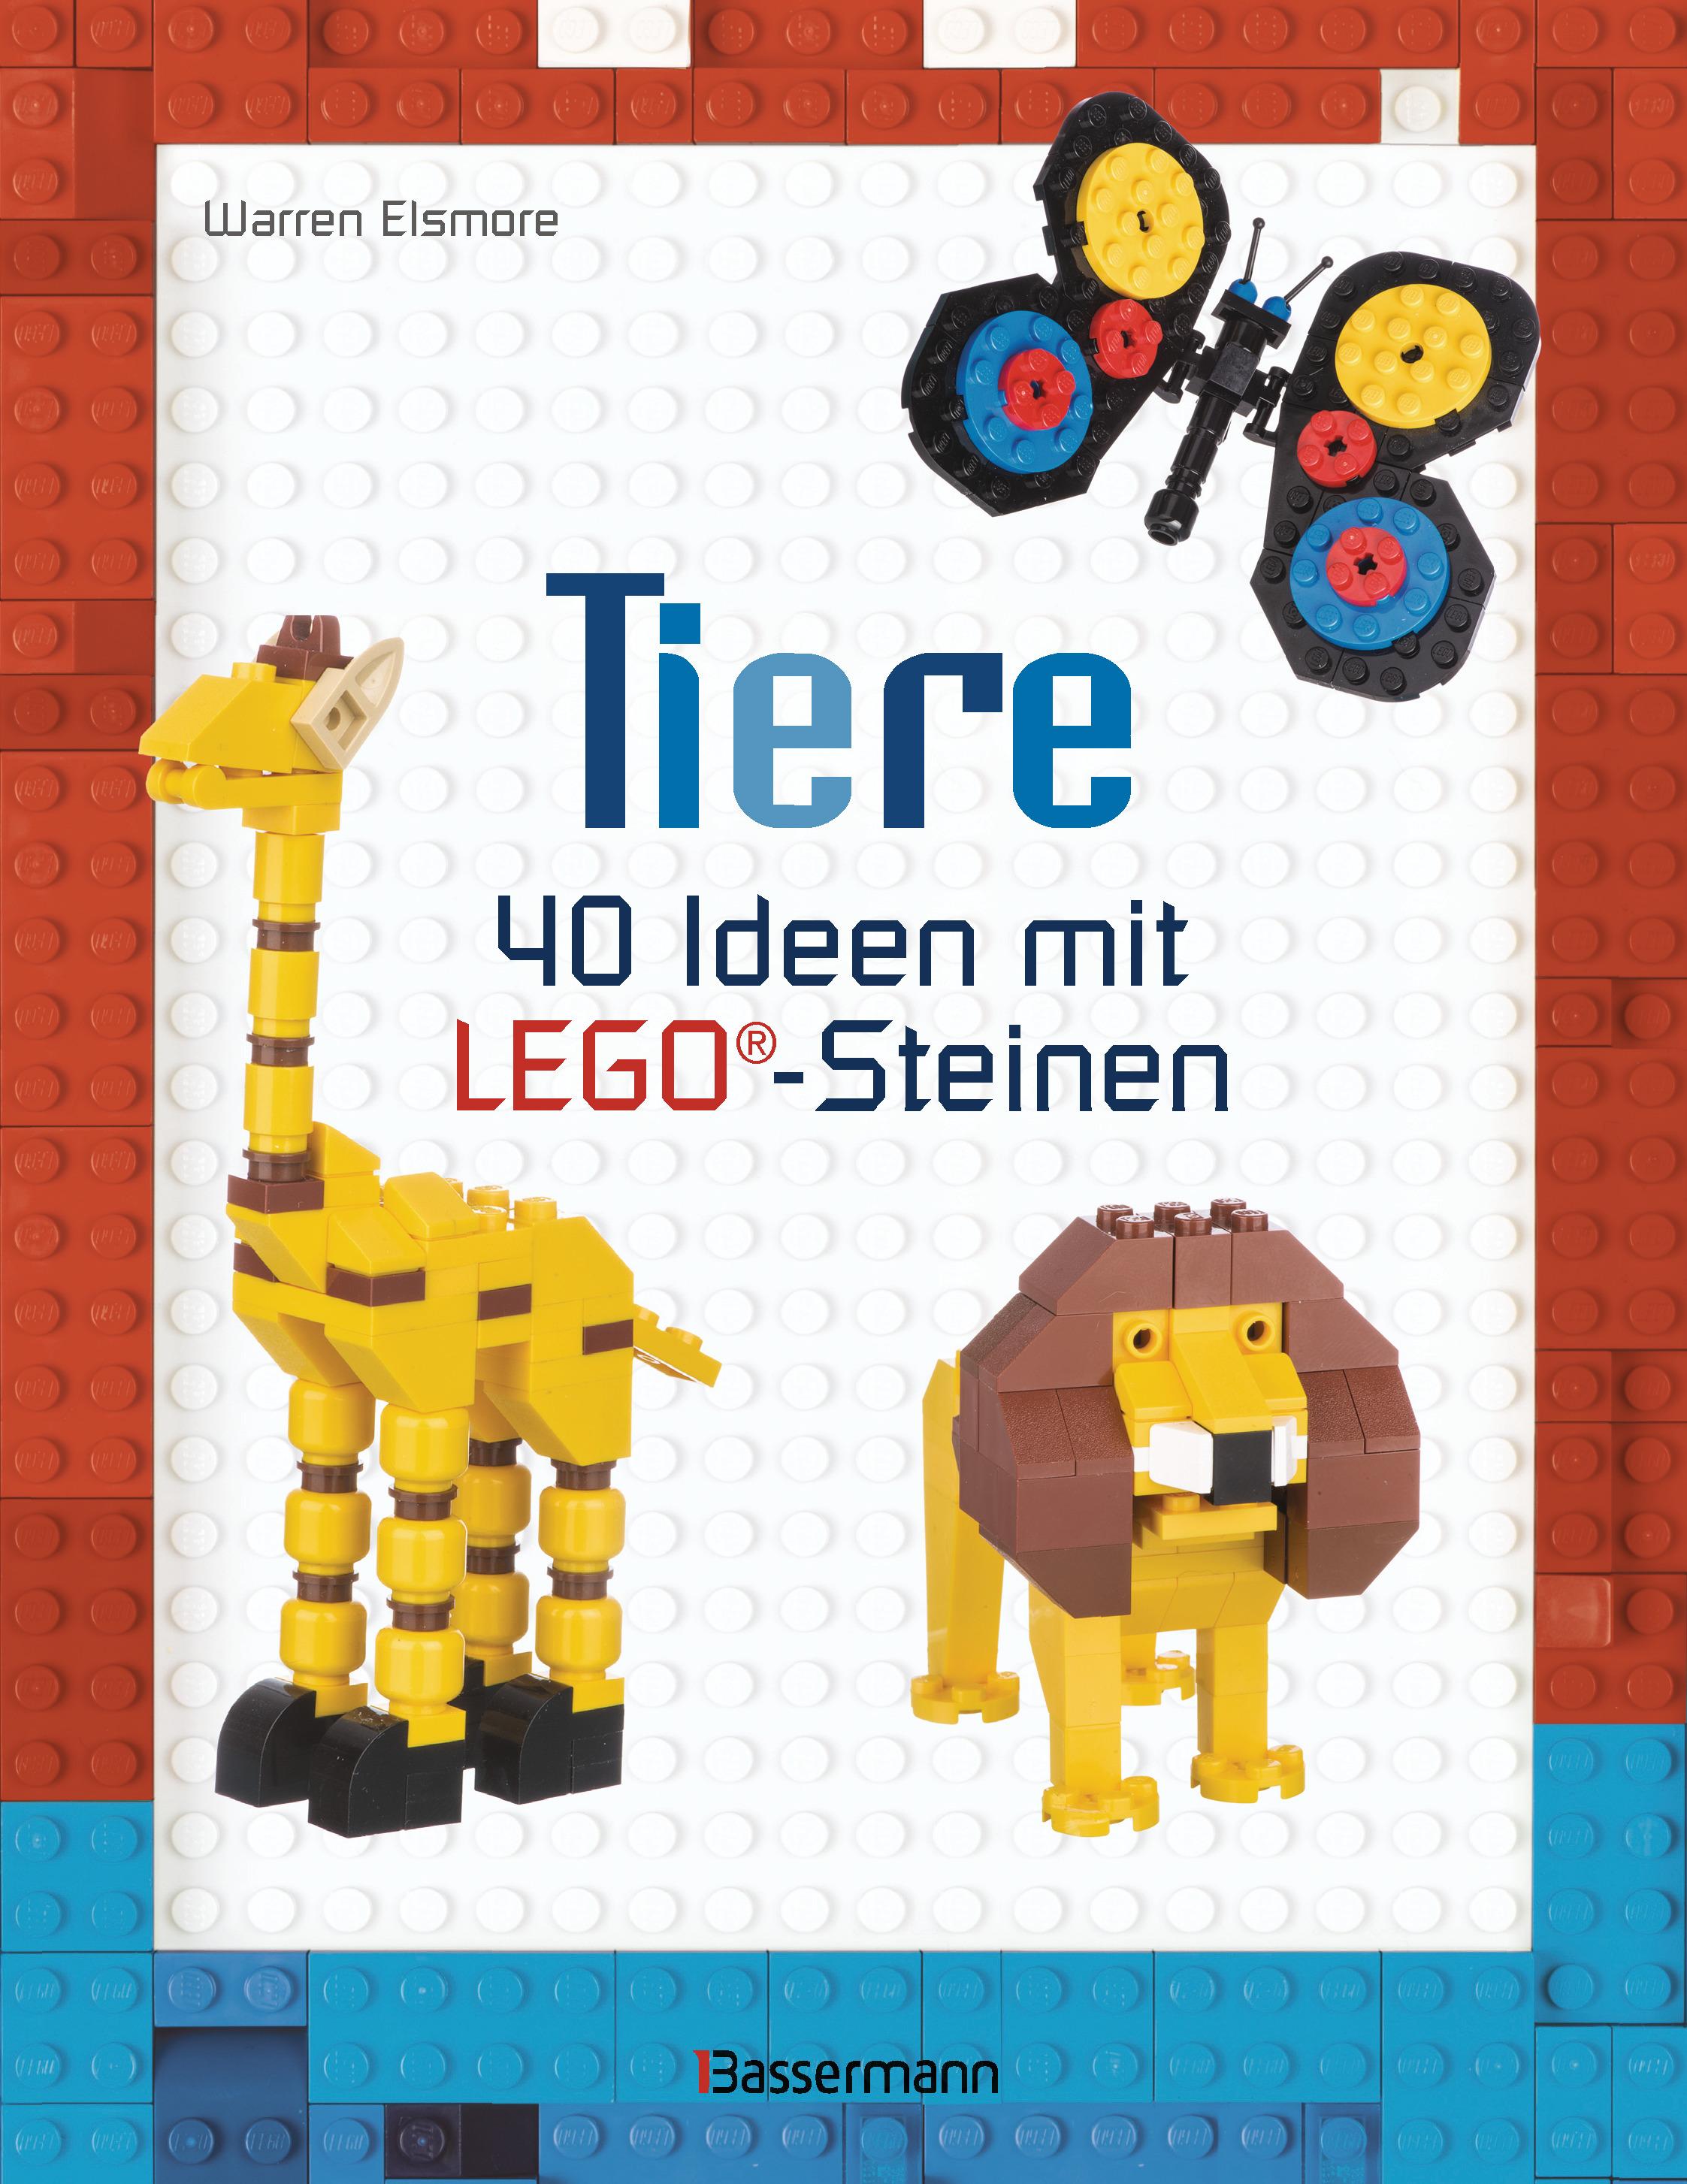 warren elsmore: tiere 40 ideen mit lego®-steinen -( werbung